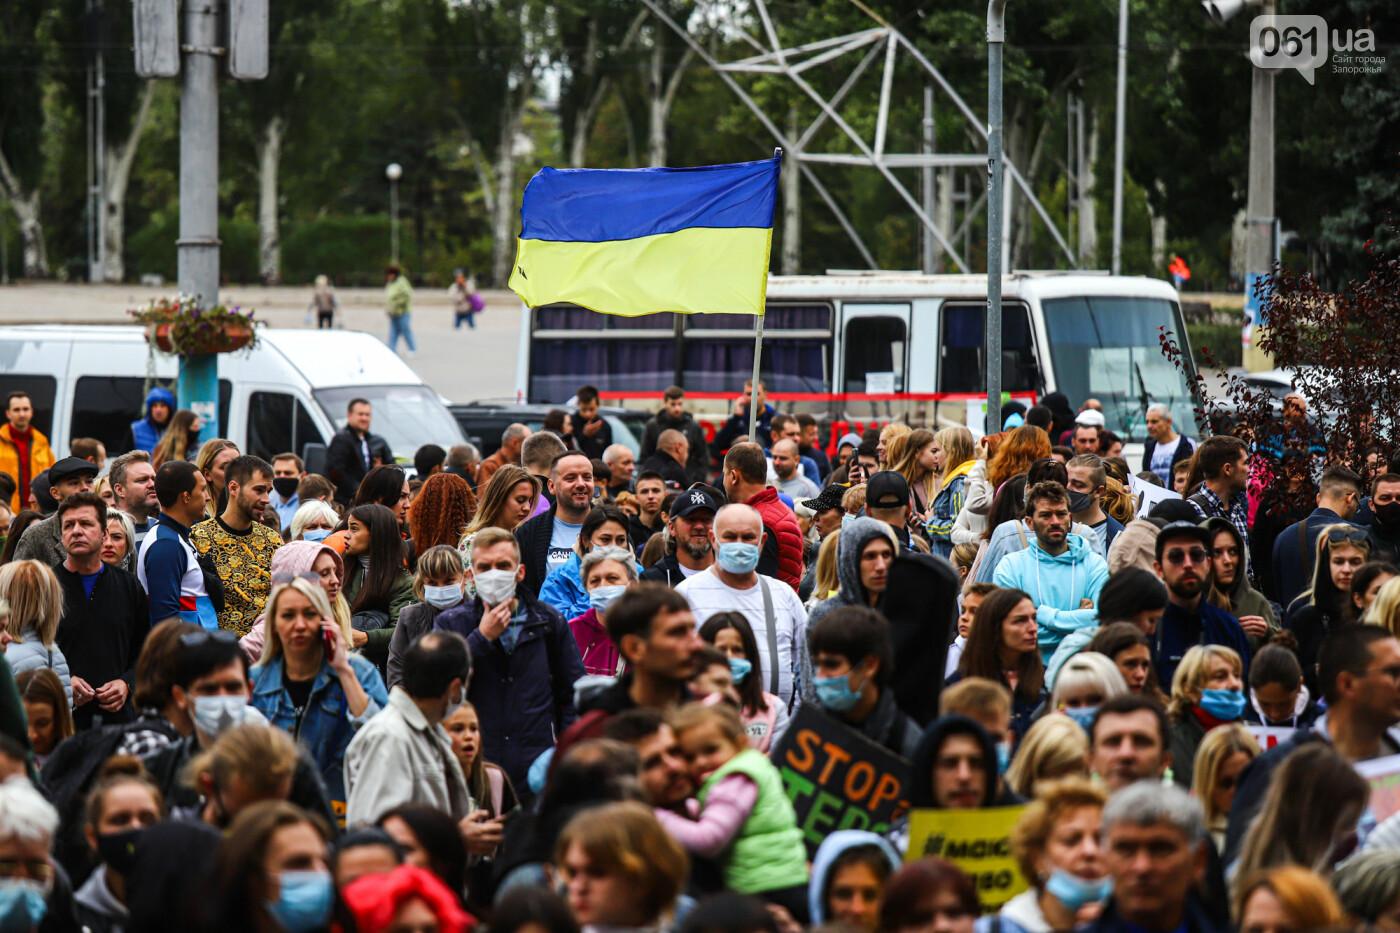 Маю право дихати: тысячи запорожцев вышли на экологический митинг, ФОТО, ВИДЕО, фото-36